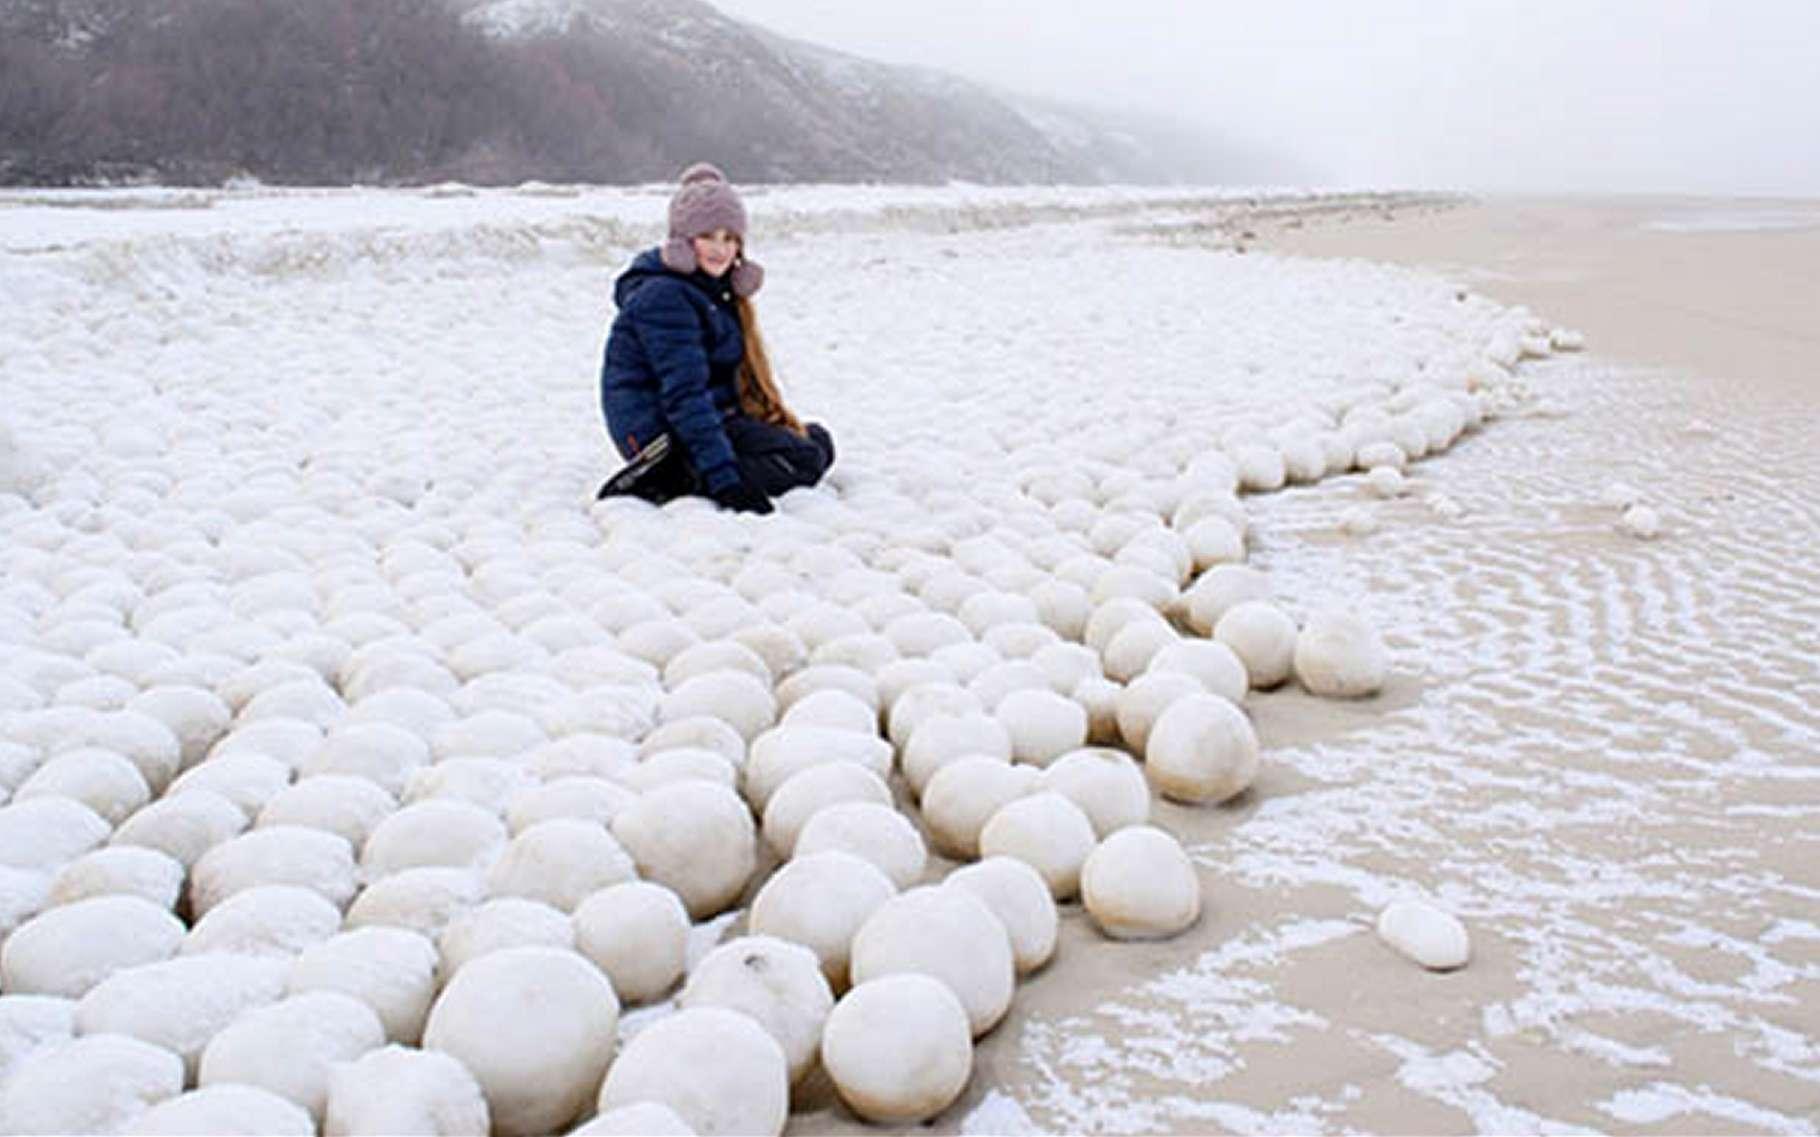 Comment se sont formées ces énormes boules glacées ? Par l'action du vent, probablement, qui a fait rouler sur la plage des paquets de neige sale et fondante. © Ekaterina Chernykh